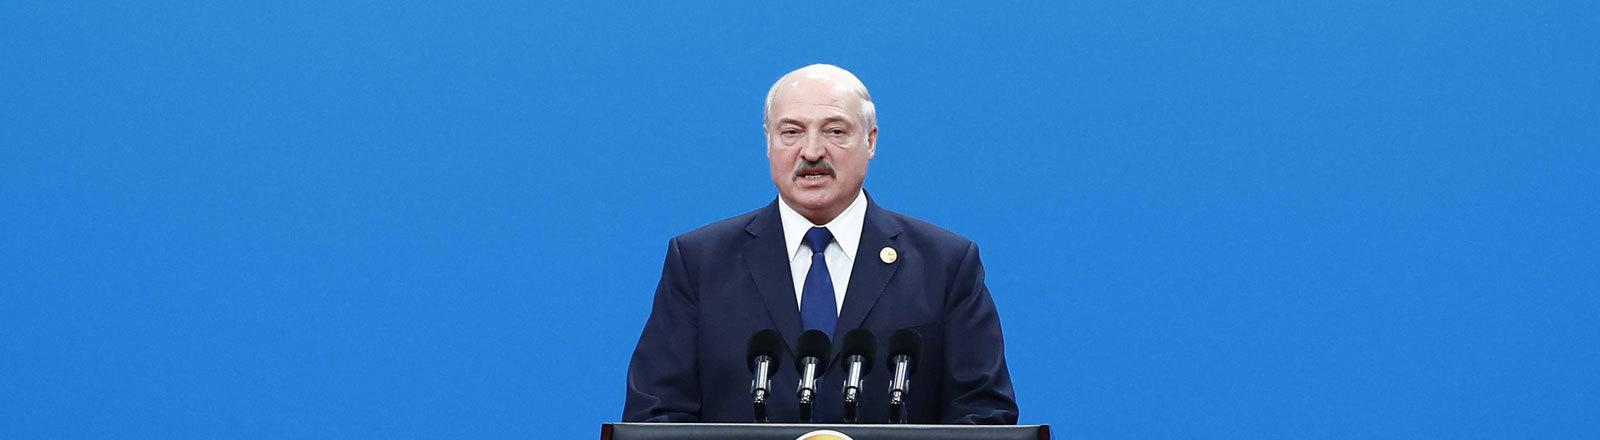 Der weißrussische Präsident Alexander Lukaschenko vor blauem Hintergrund an einem Rednerpult.